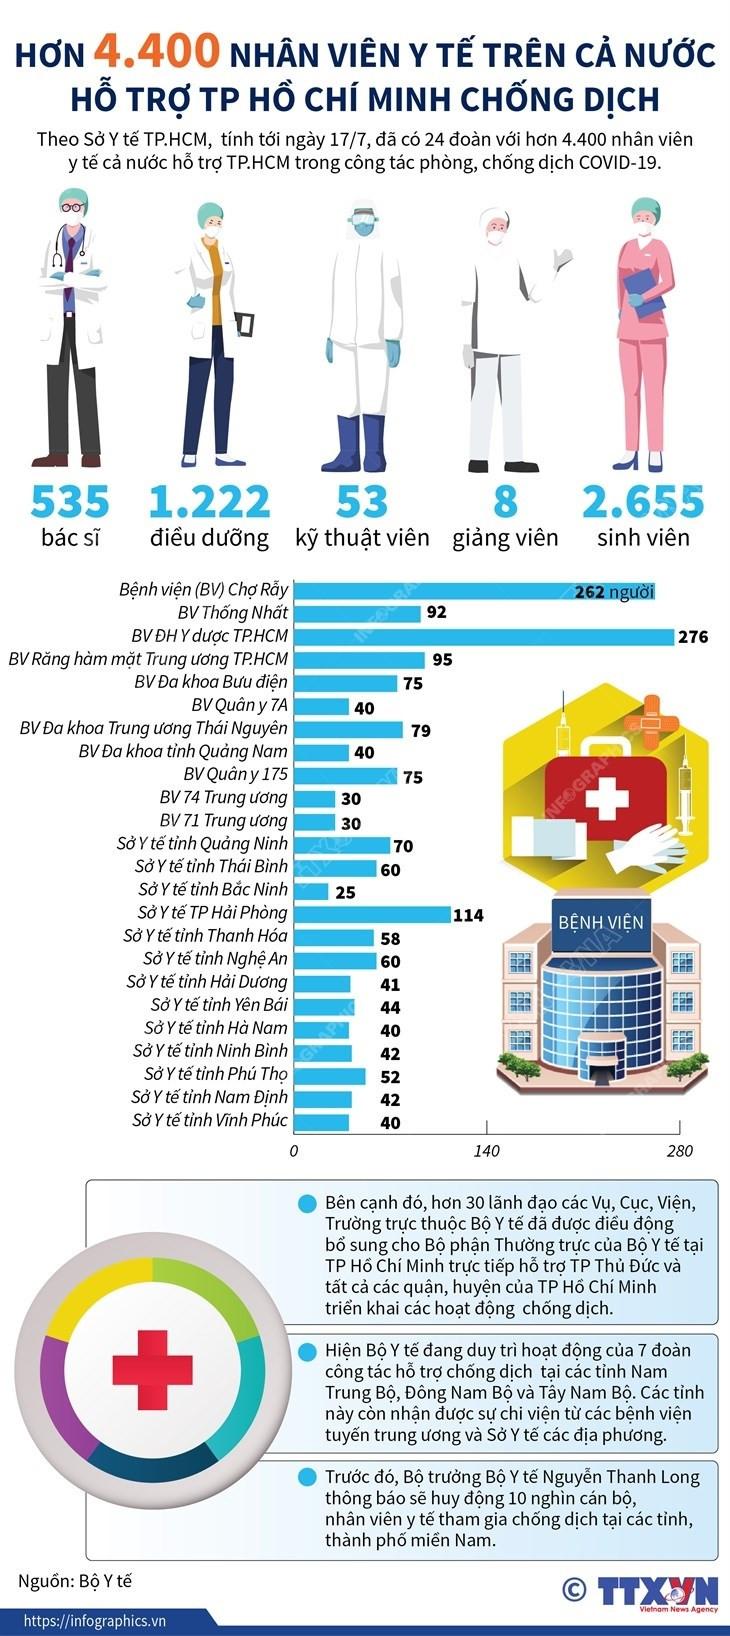 [Infographics] Hon 4.400 nhan vien y te ho tro TP.HCM chong dich hinh anh 1